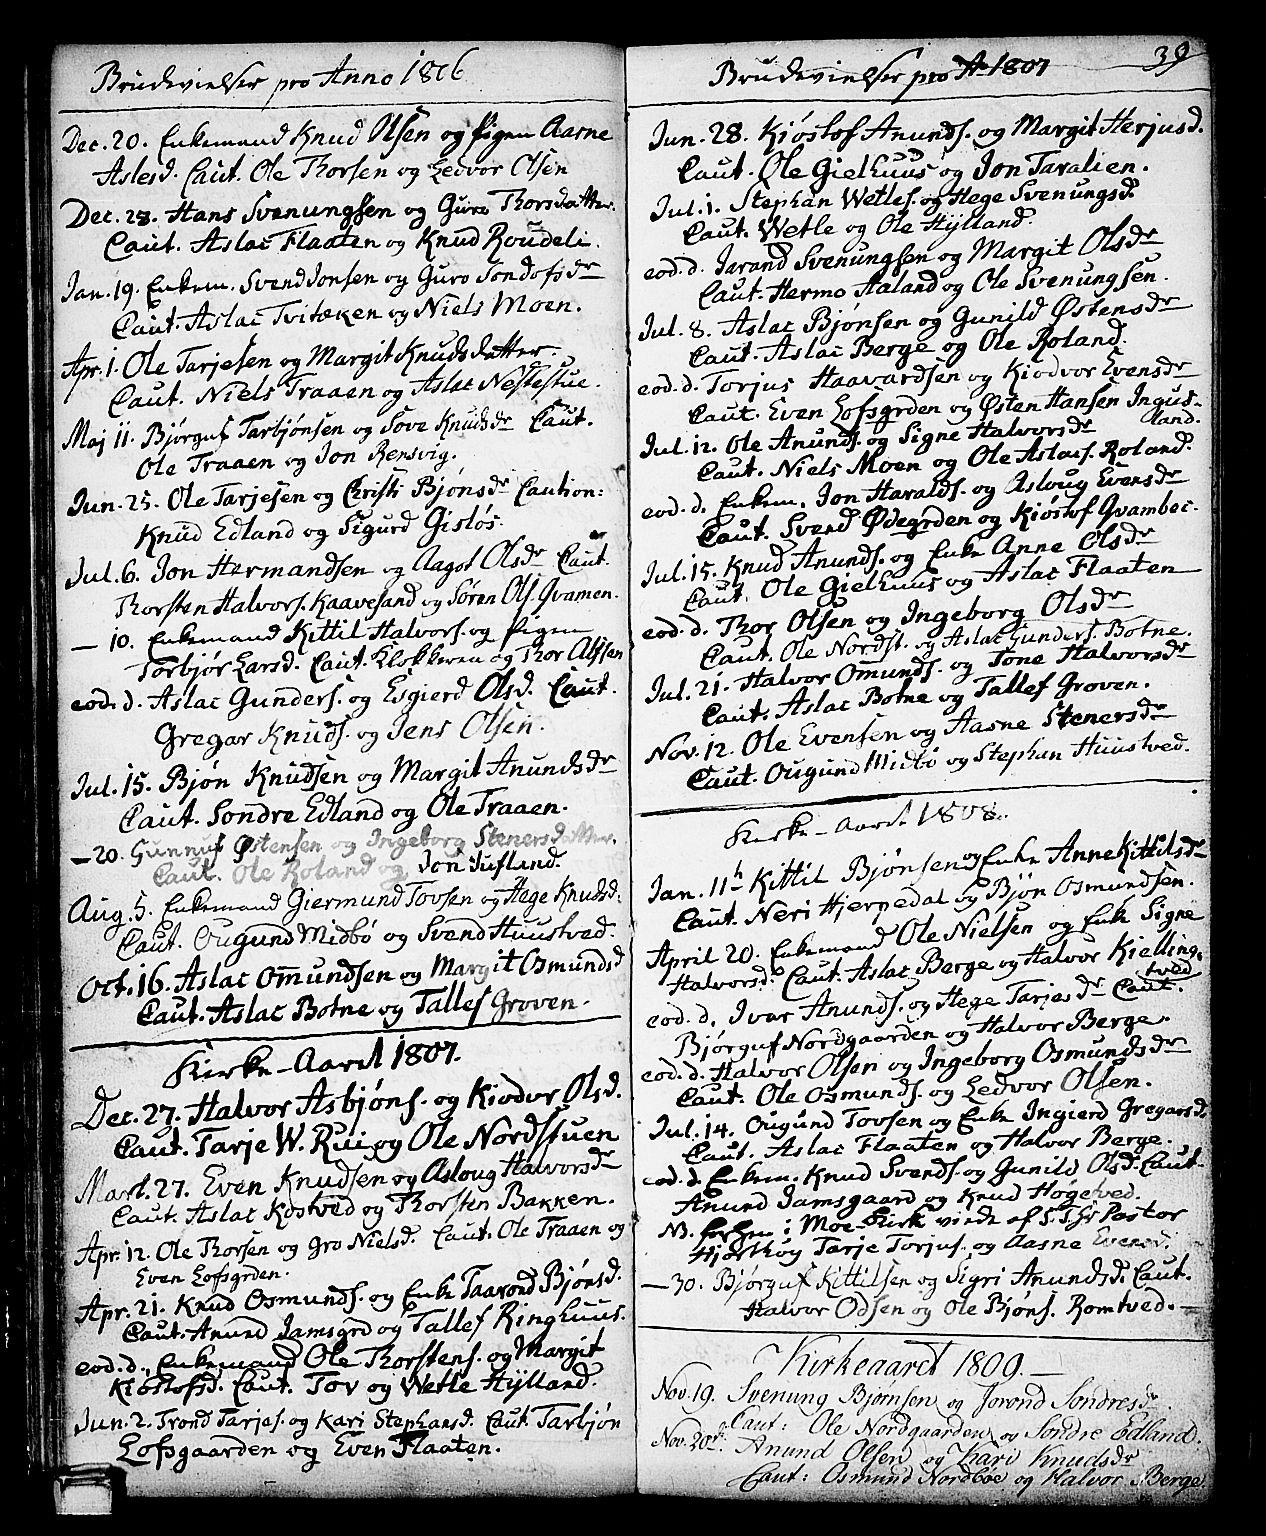 SAKO, Vinje kirkebøker, F/Fa/L0002: Ministerialbok nr. I 2, 1767-1814, s. 39